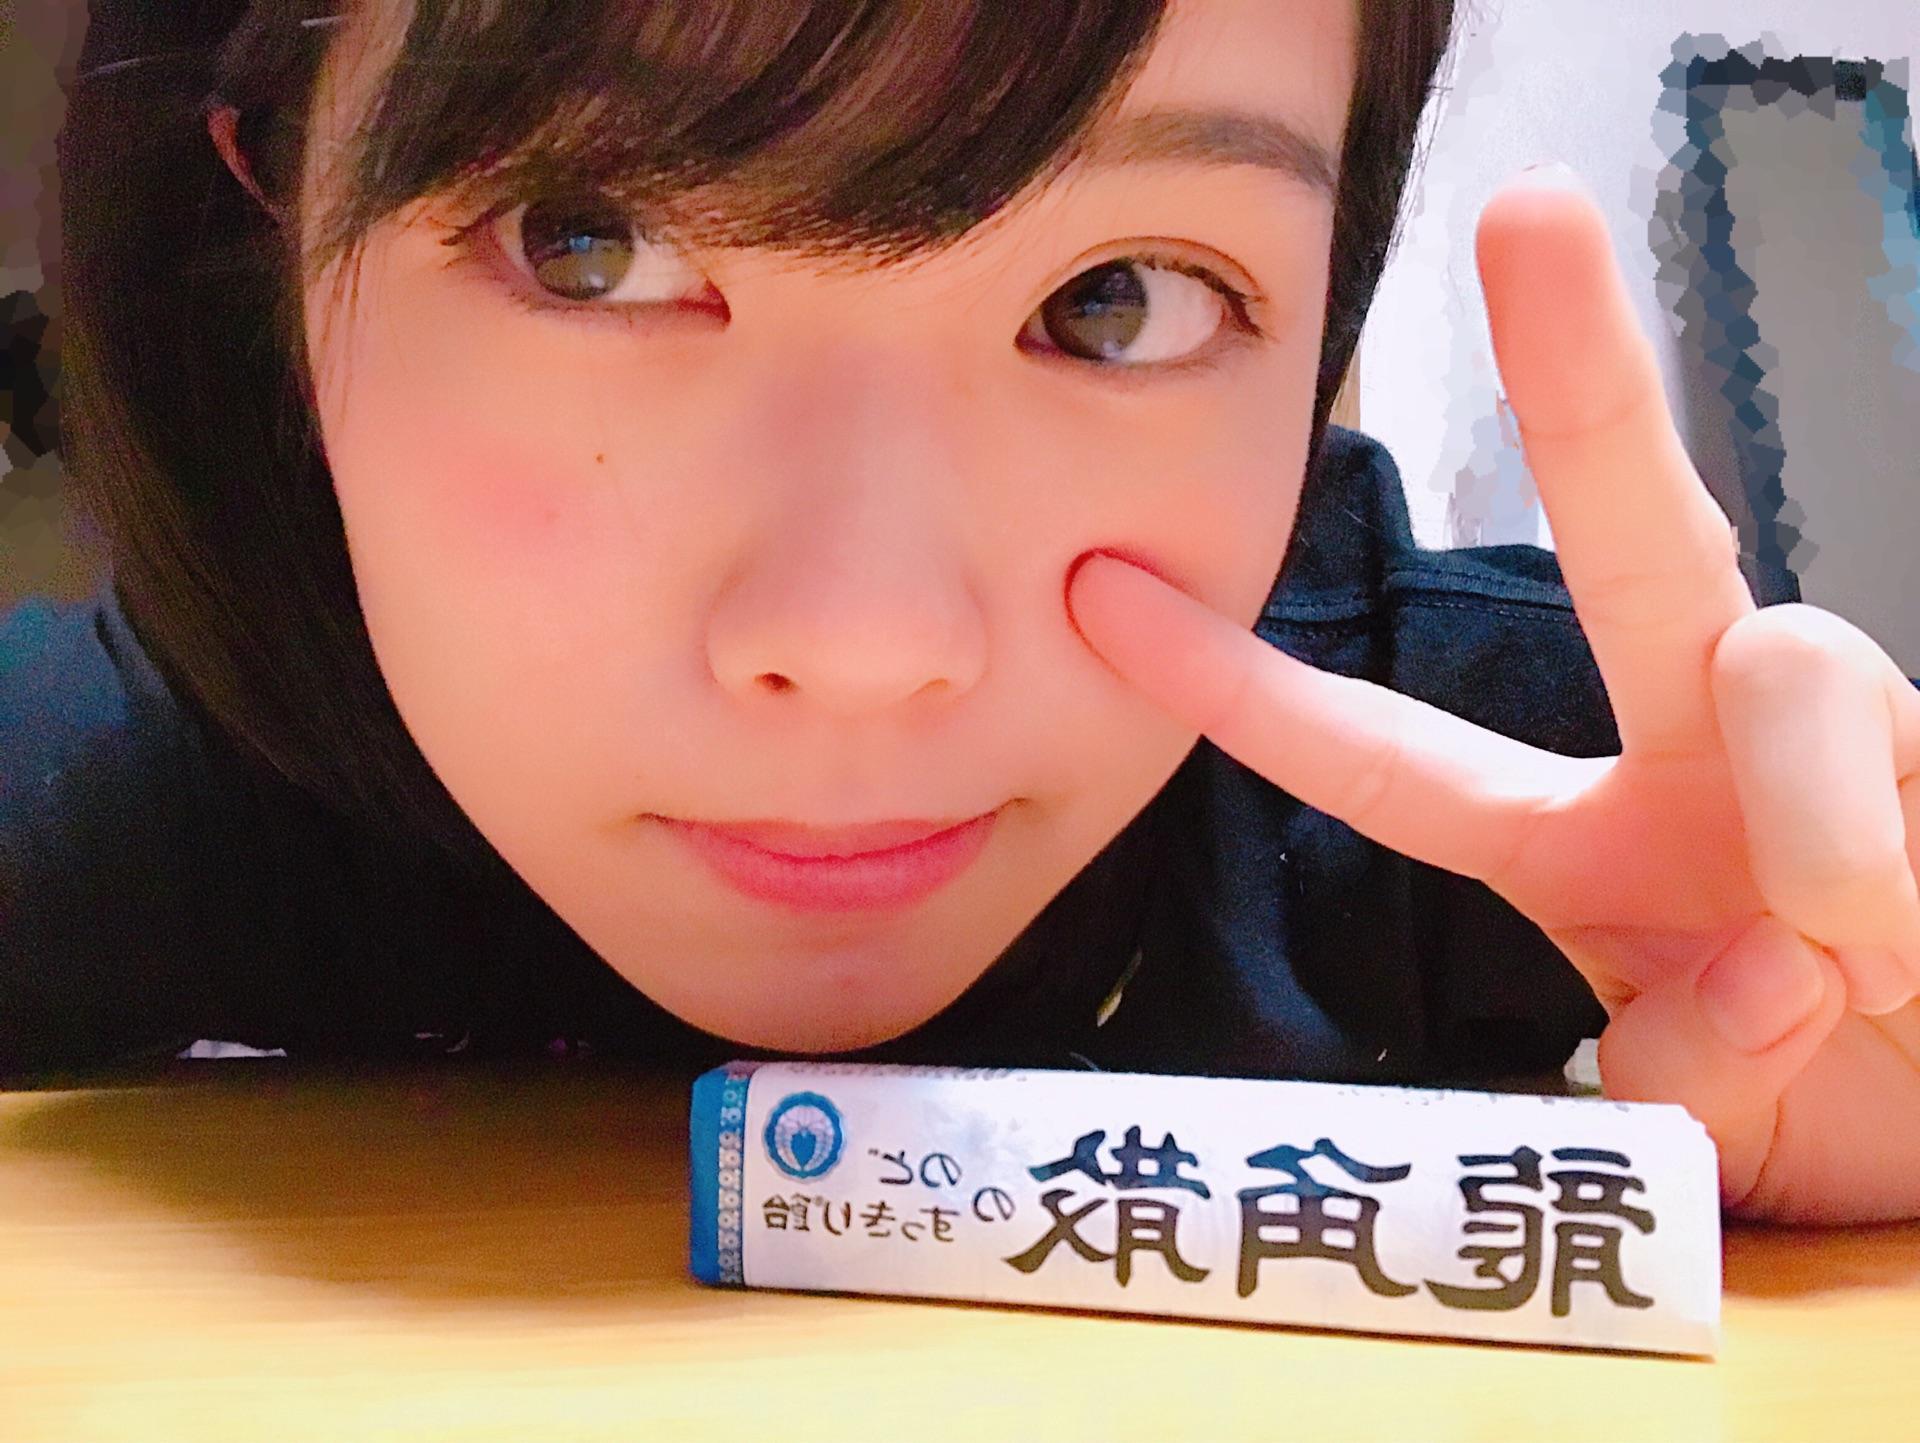 【良スレ】小田えりなちゃんの可愛い画像ください! [無断転載禁止]©2ch.netYouTube動画>2本 ->画像>1255枚